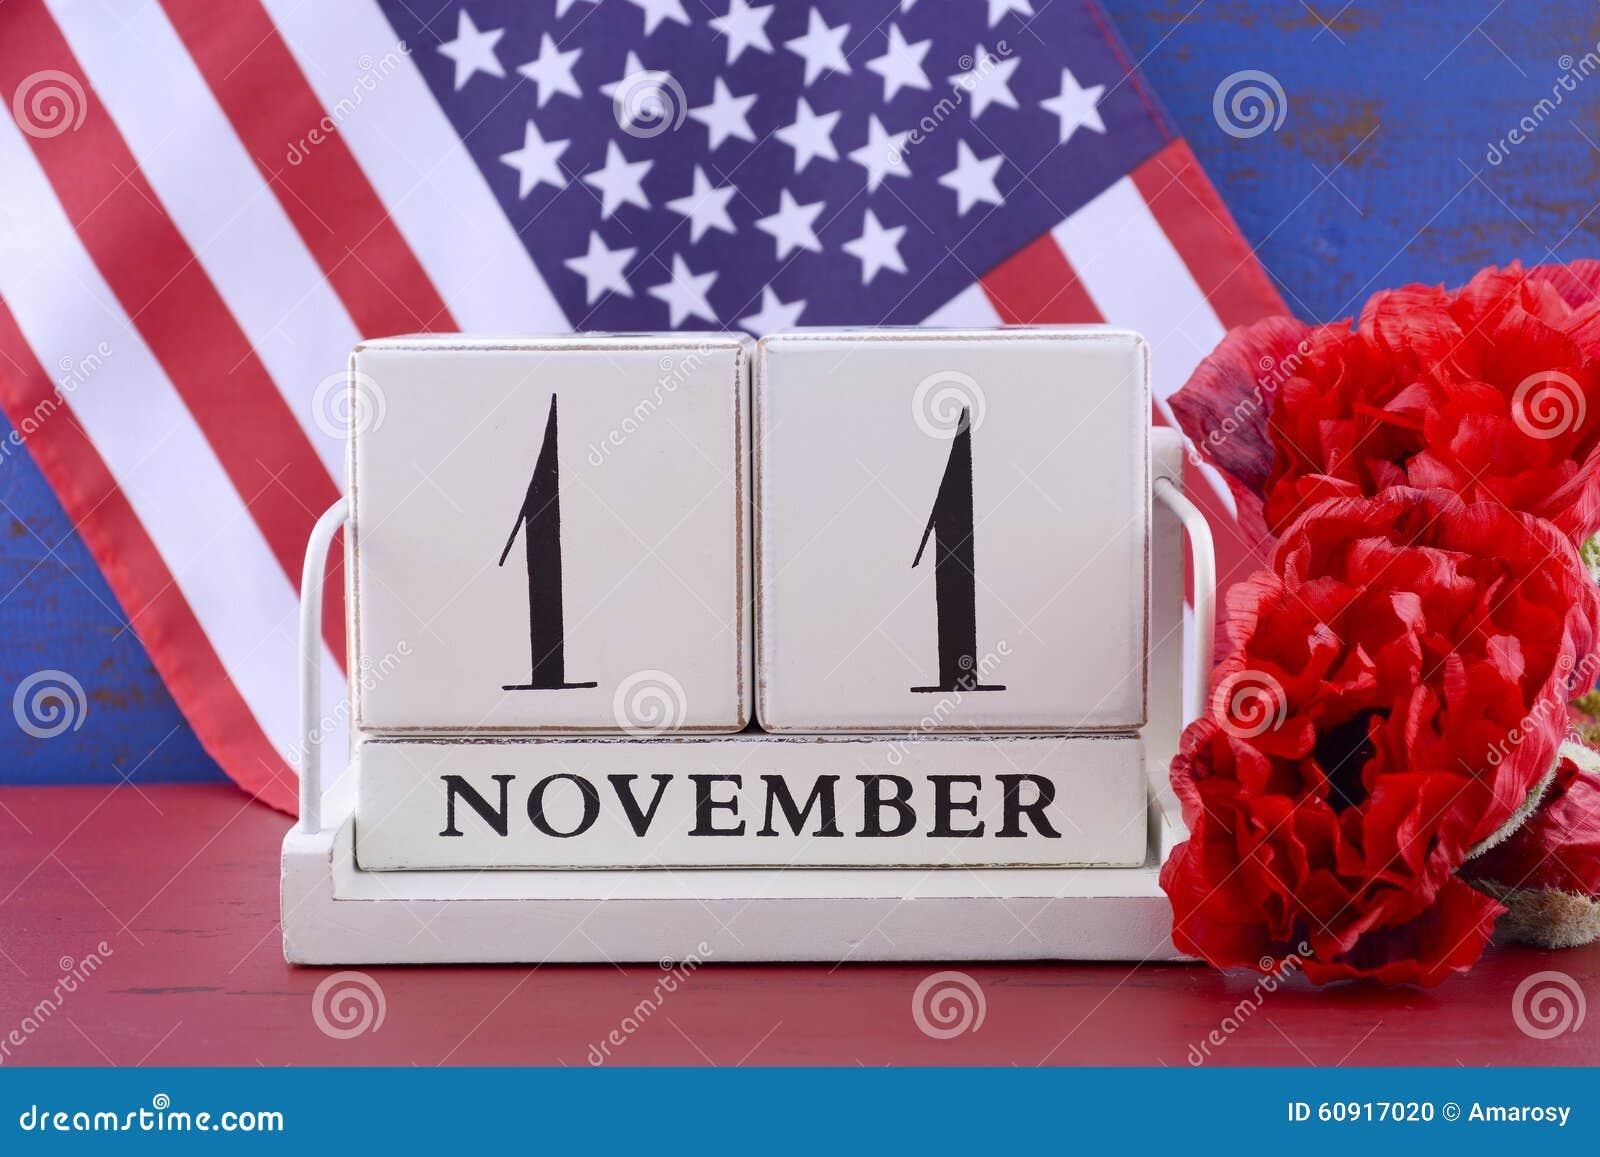 Calendario Del Día De Veteranos Para El 11 De Noviembre Foto de ...